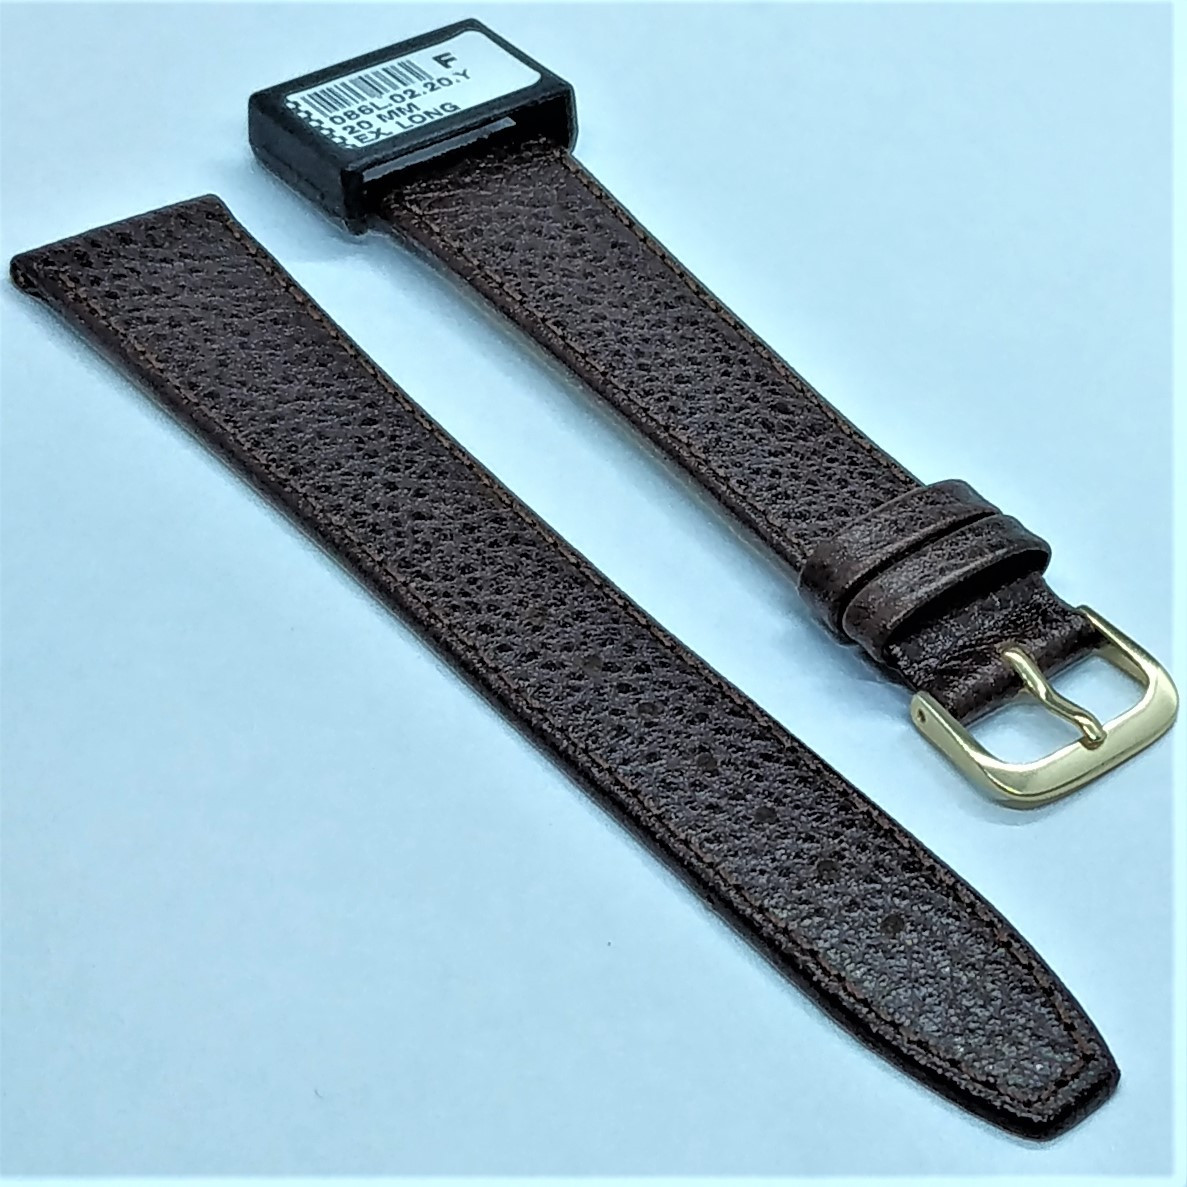 20 мм Кожаный Ремешок для часов CONDOR 086L.20.02 Коричневый Ремешок на часы из Натуральной кожи удлиненный